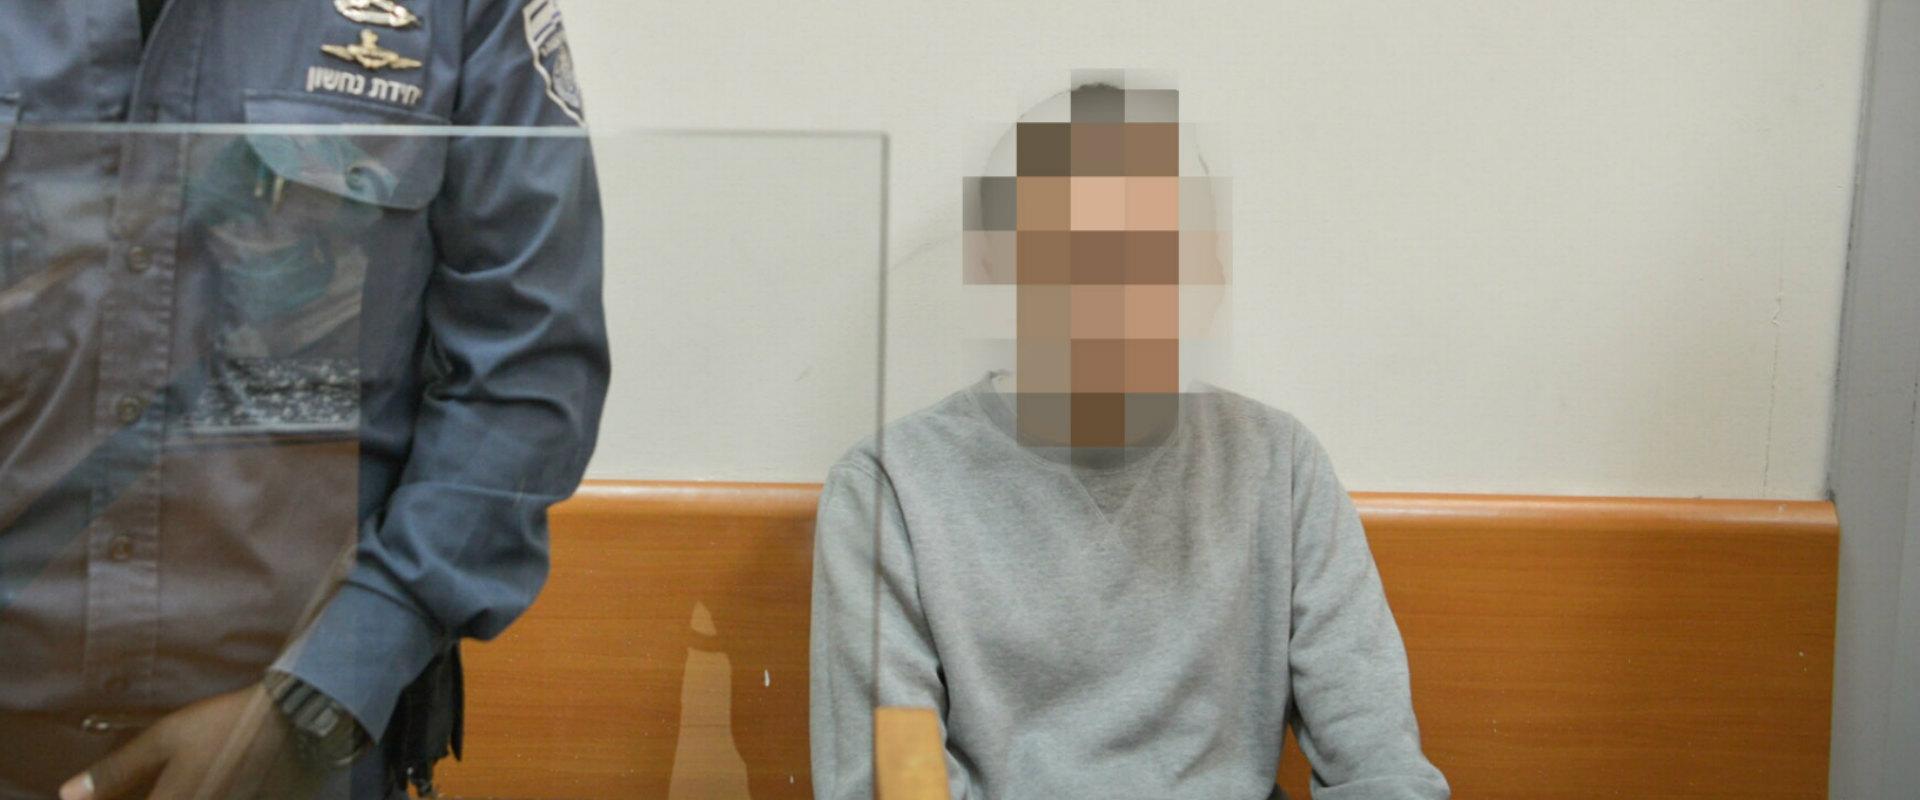 ההאקר מאשקלון בעת הארכת מעצרו, מרץ 2017